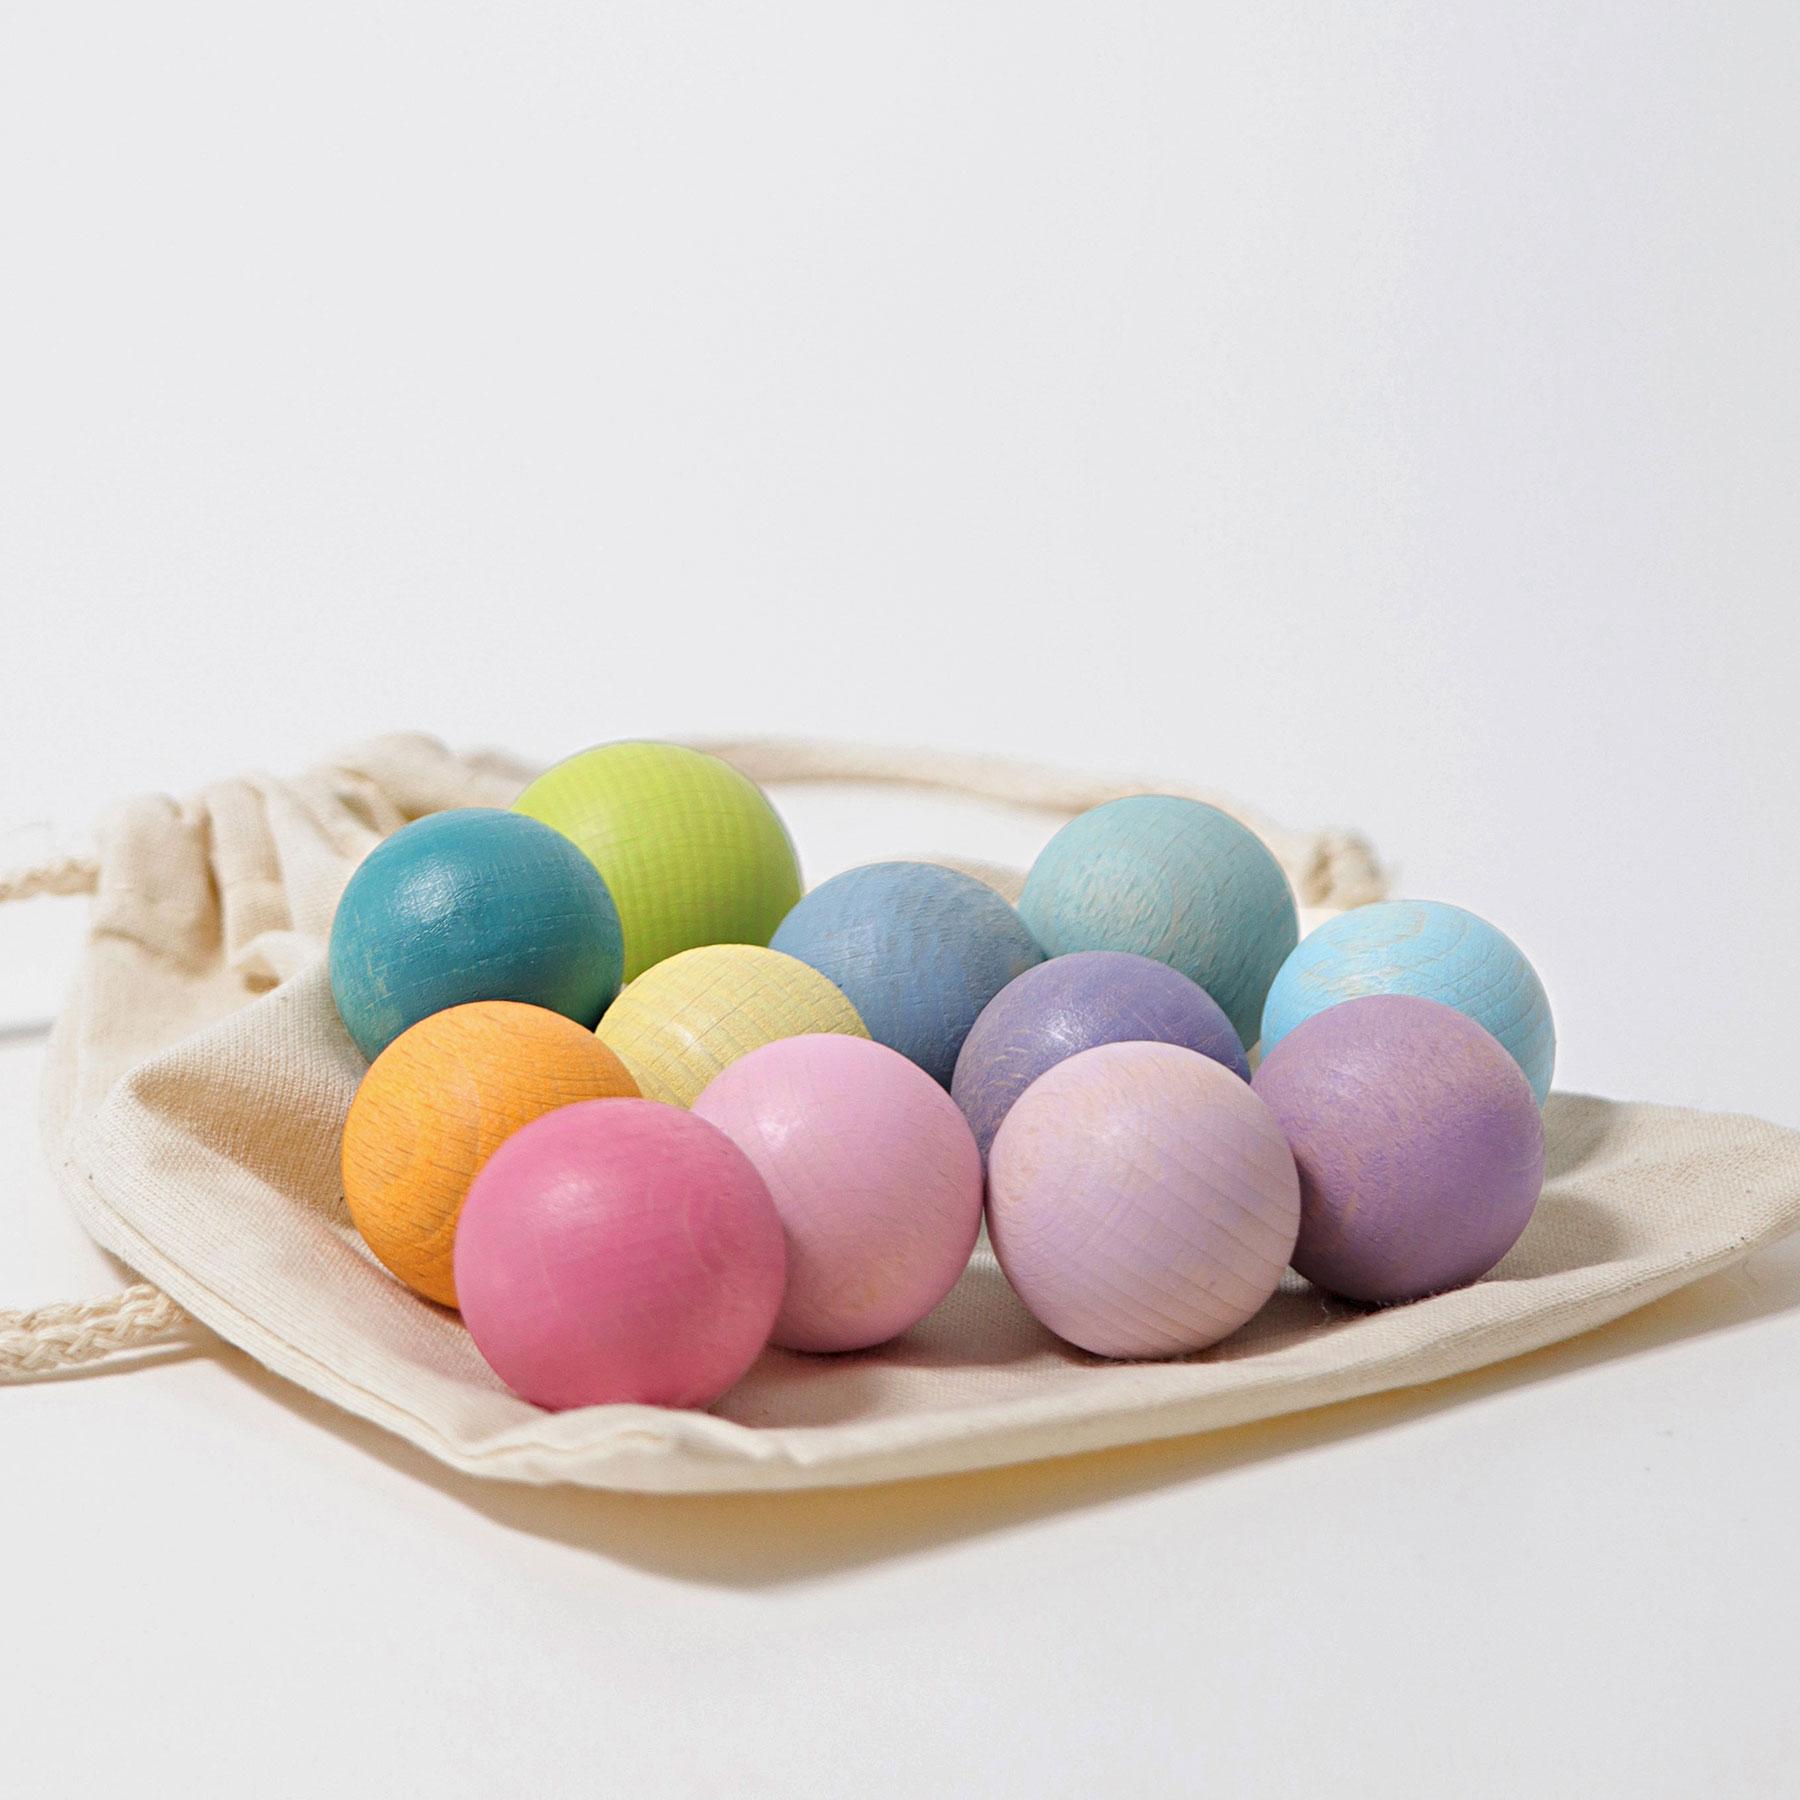 12 Bolas de Madeira Arco-Íris Pastel - Grimm's